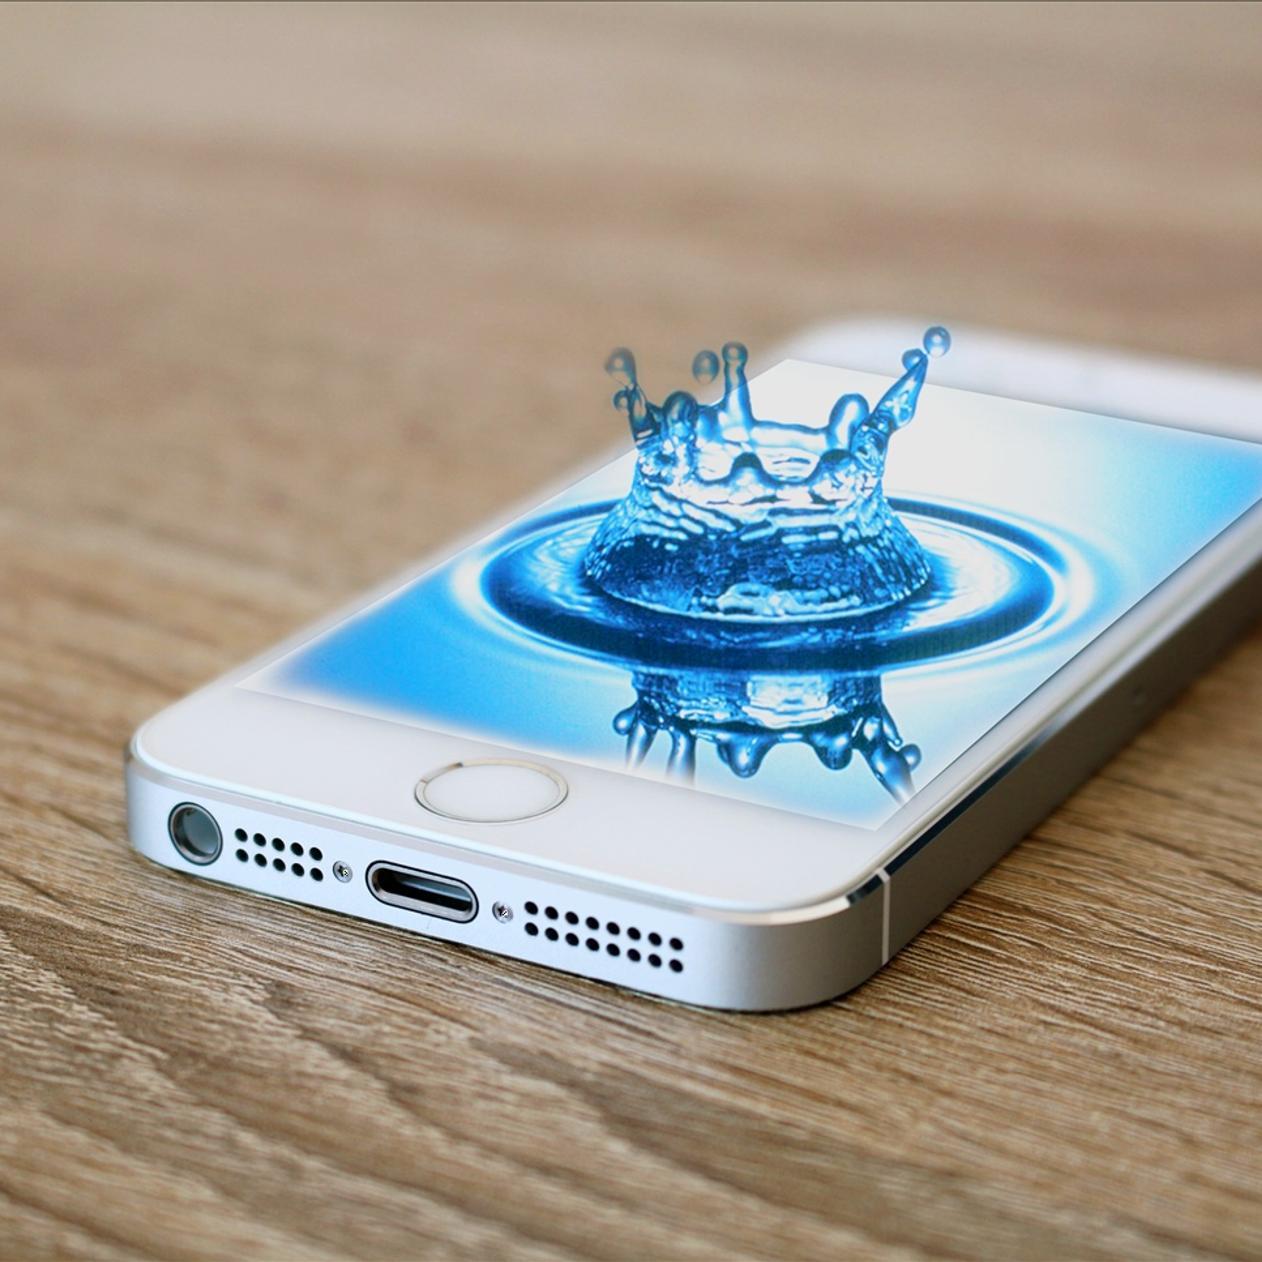 Splash Water Drop In IPhone 5s Phone